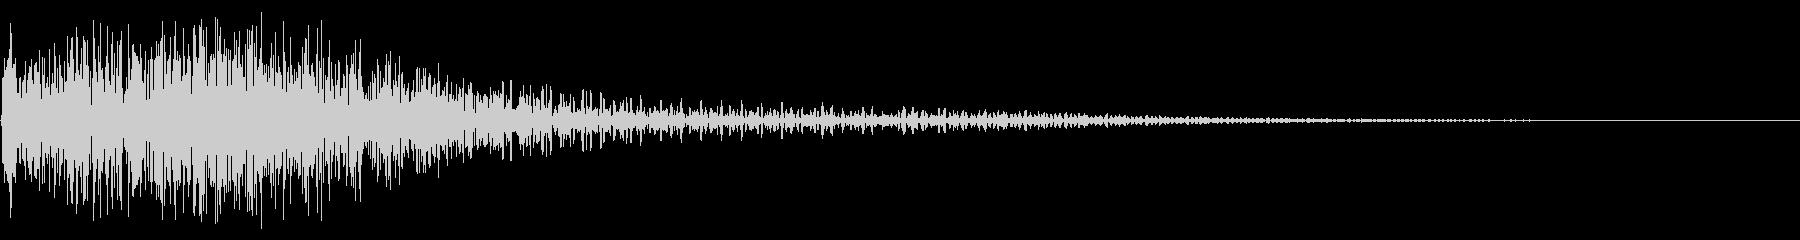 衝撃音(ギャン/ギャッ)の未再生の波形